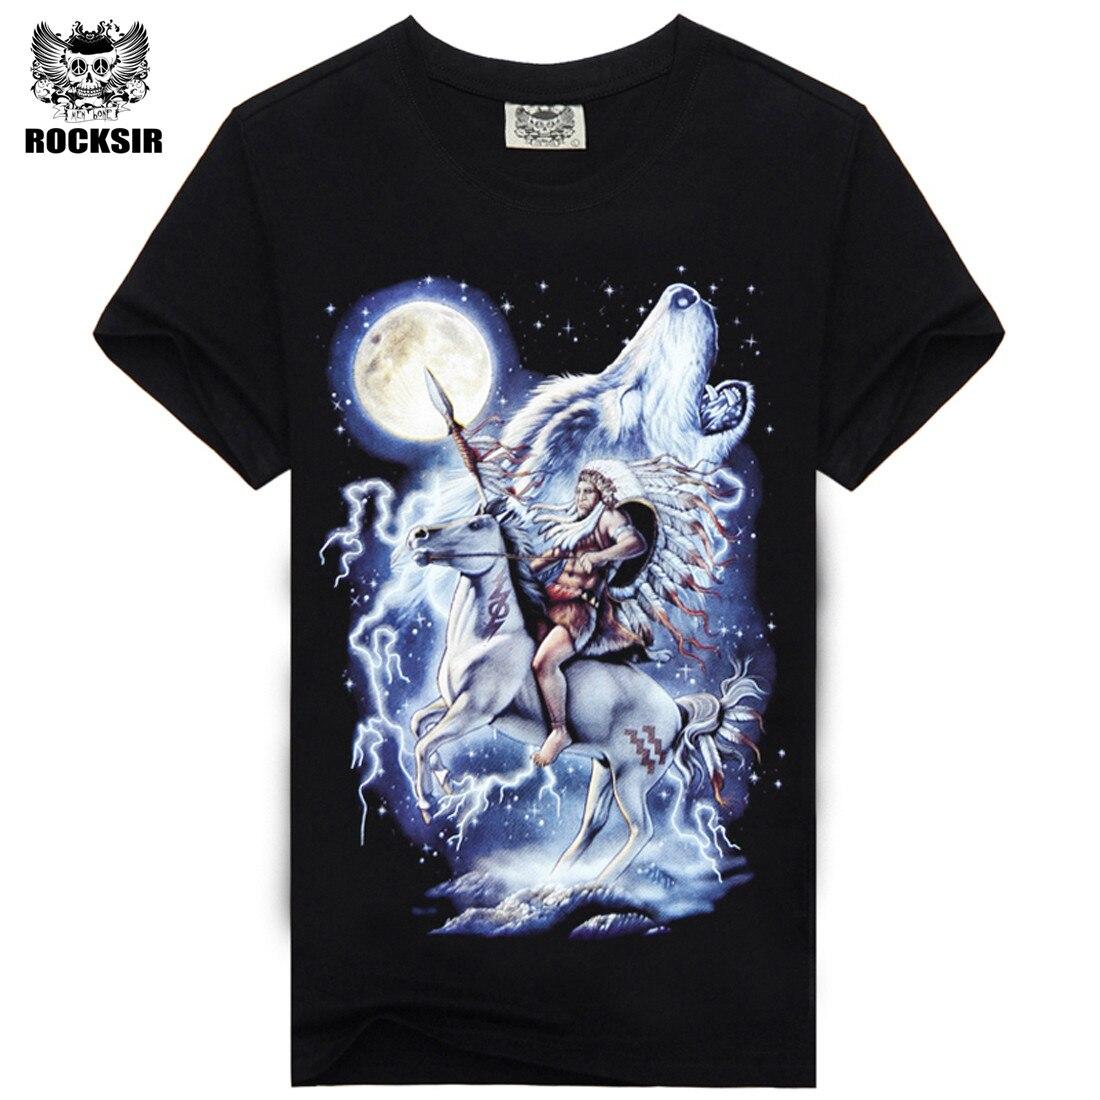 77f7a4461  Rocksir  2016 Nova Marca de Moda Manga Curta Camisetas Lobo Indiano Com  Cavalo Imprimir camisetas Asiático Tamanho tshirt